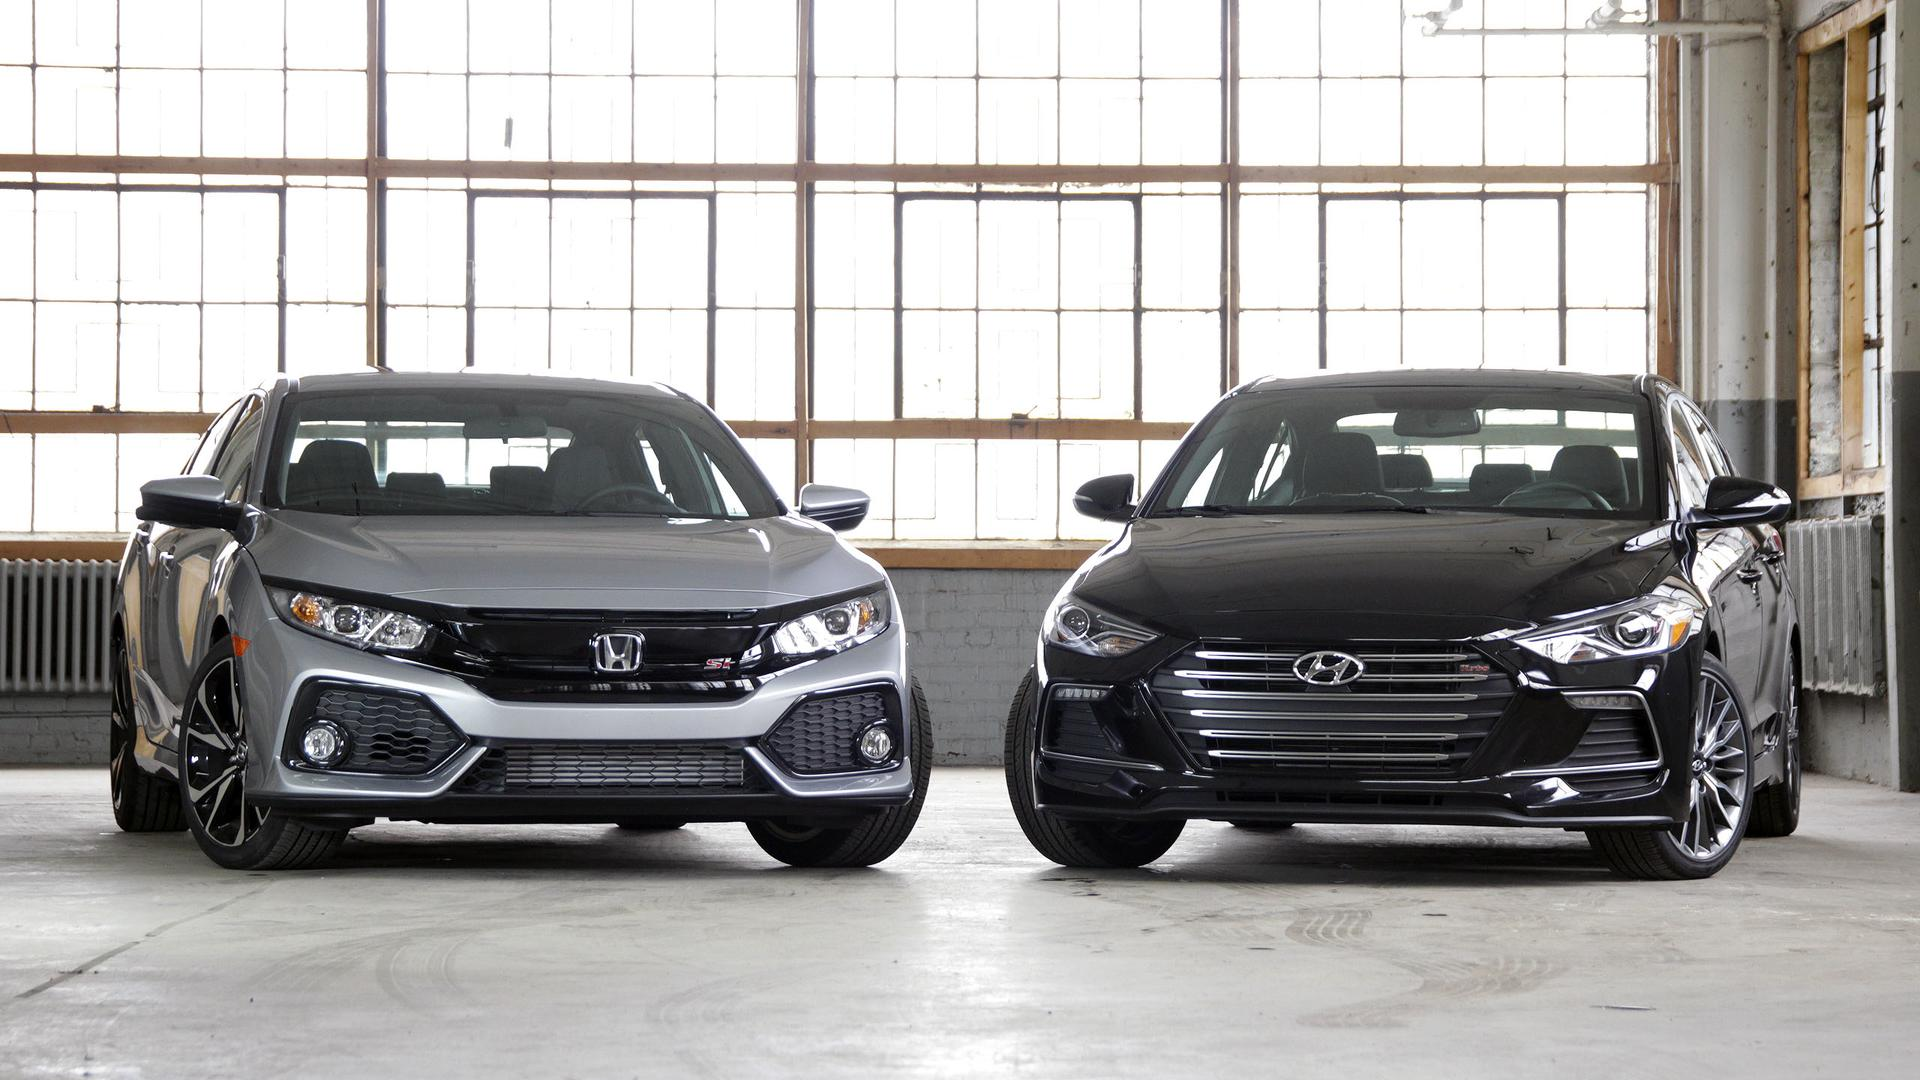 Honda civic si vs hyundai elantra sport value minded thrills for Honda or hyundai